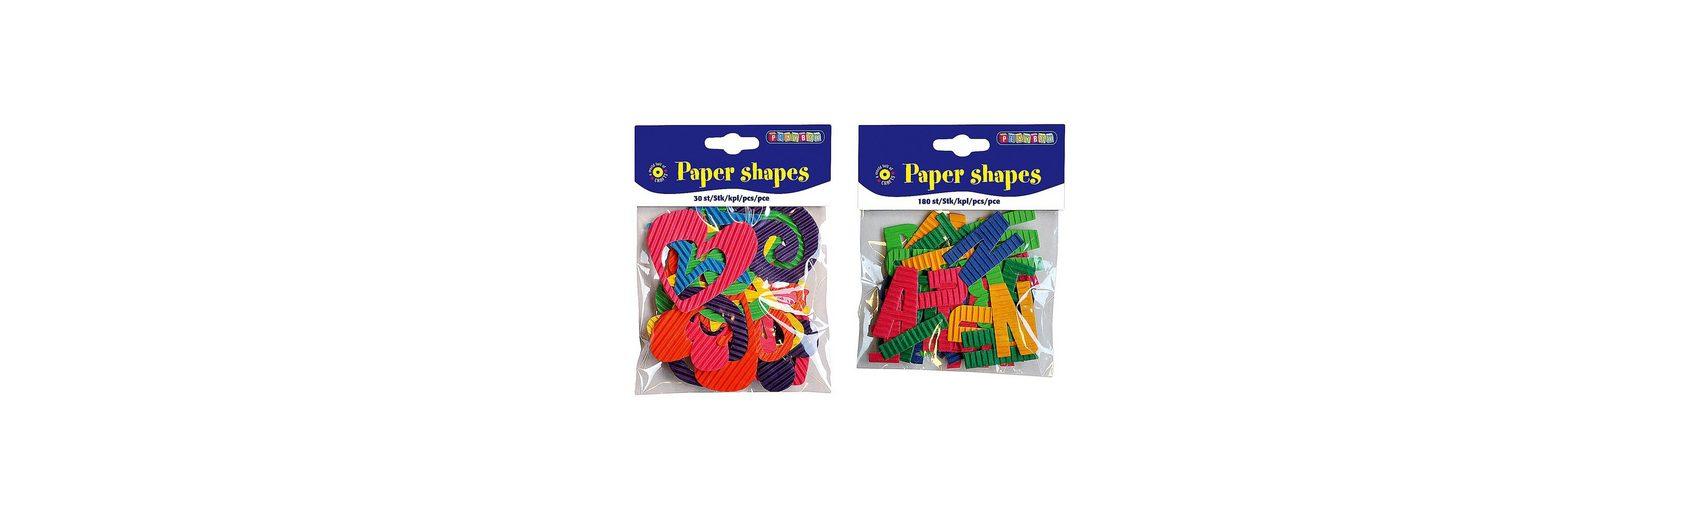 Playbox Pappformen 180 Buchstaben & 30 Formen